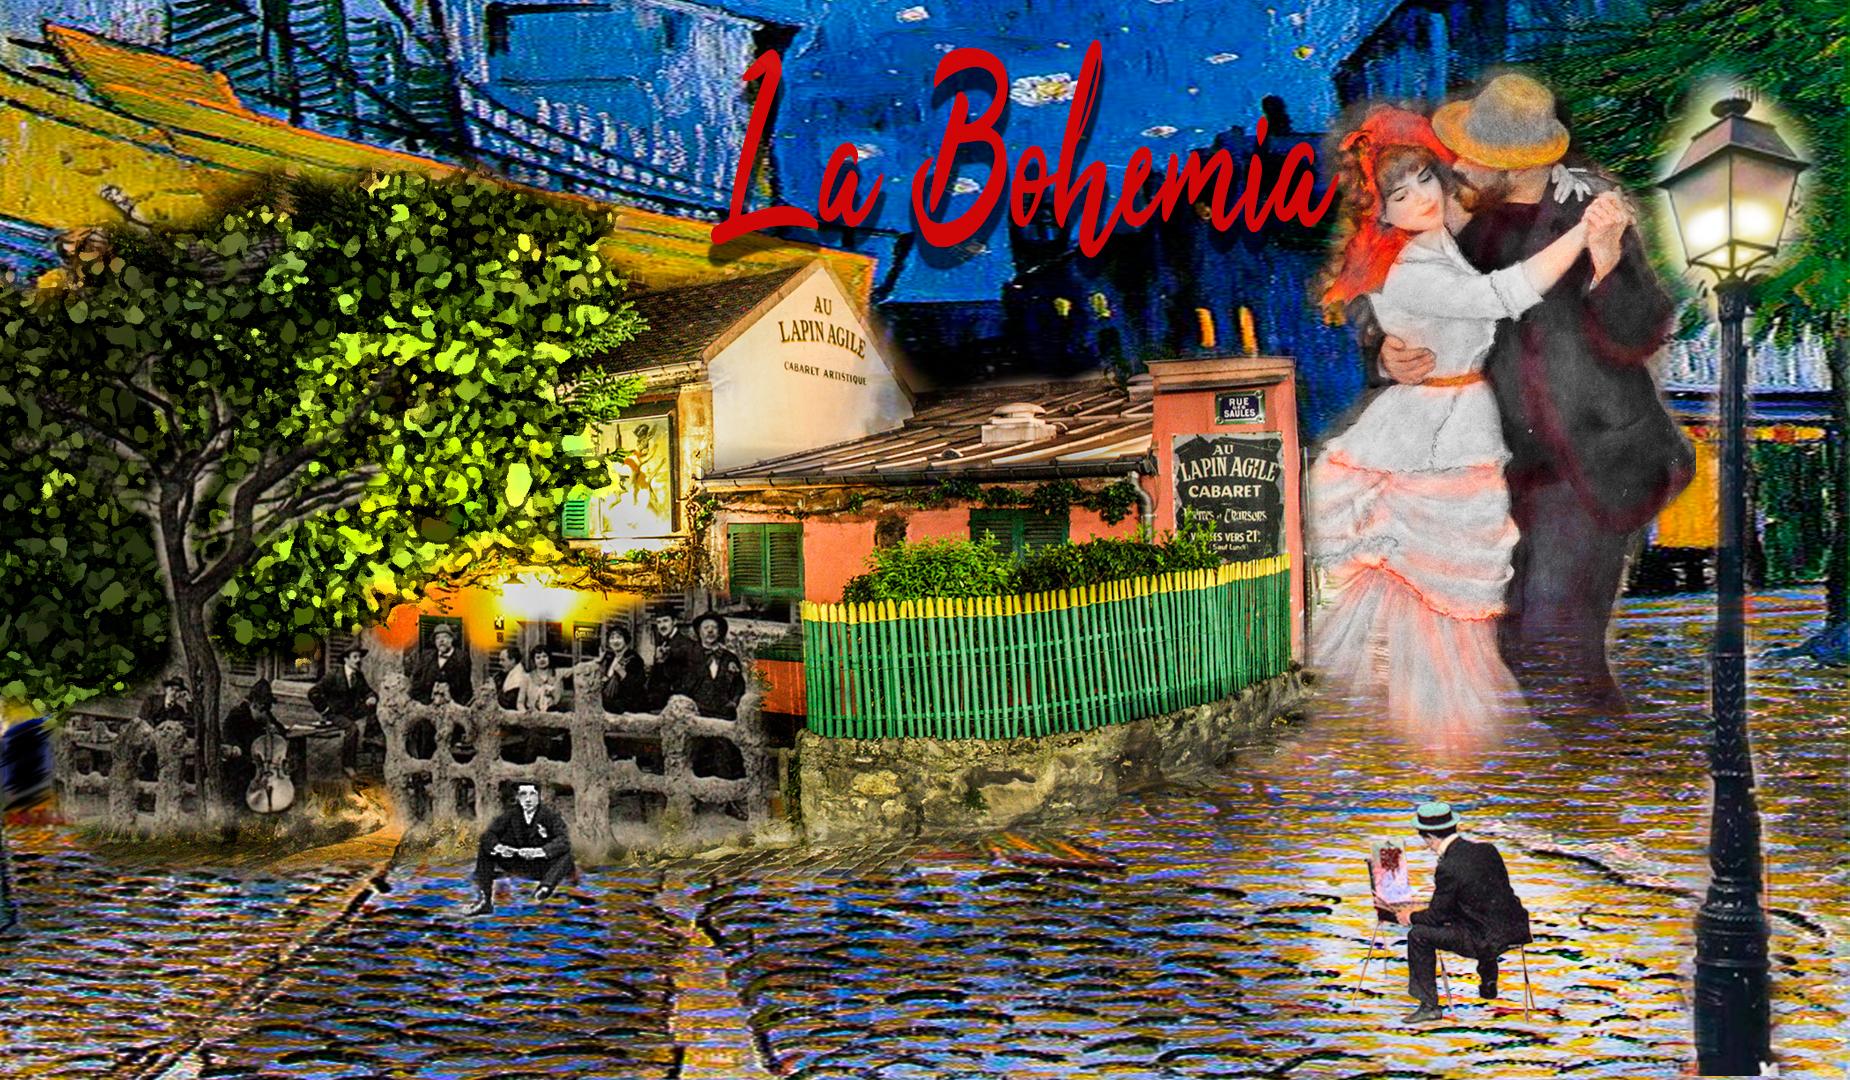 La Bohemia, foto blanco y negro con gente en la terraza del cabaret Lapin Agile, con cielo del cafe la nuit de Van Gogh y Bailarines. Escena de noche.Loco Mundo Arte y Bohemia